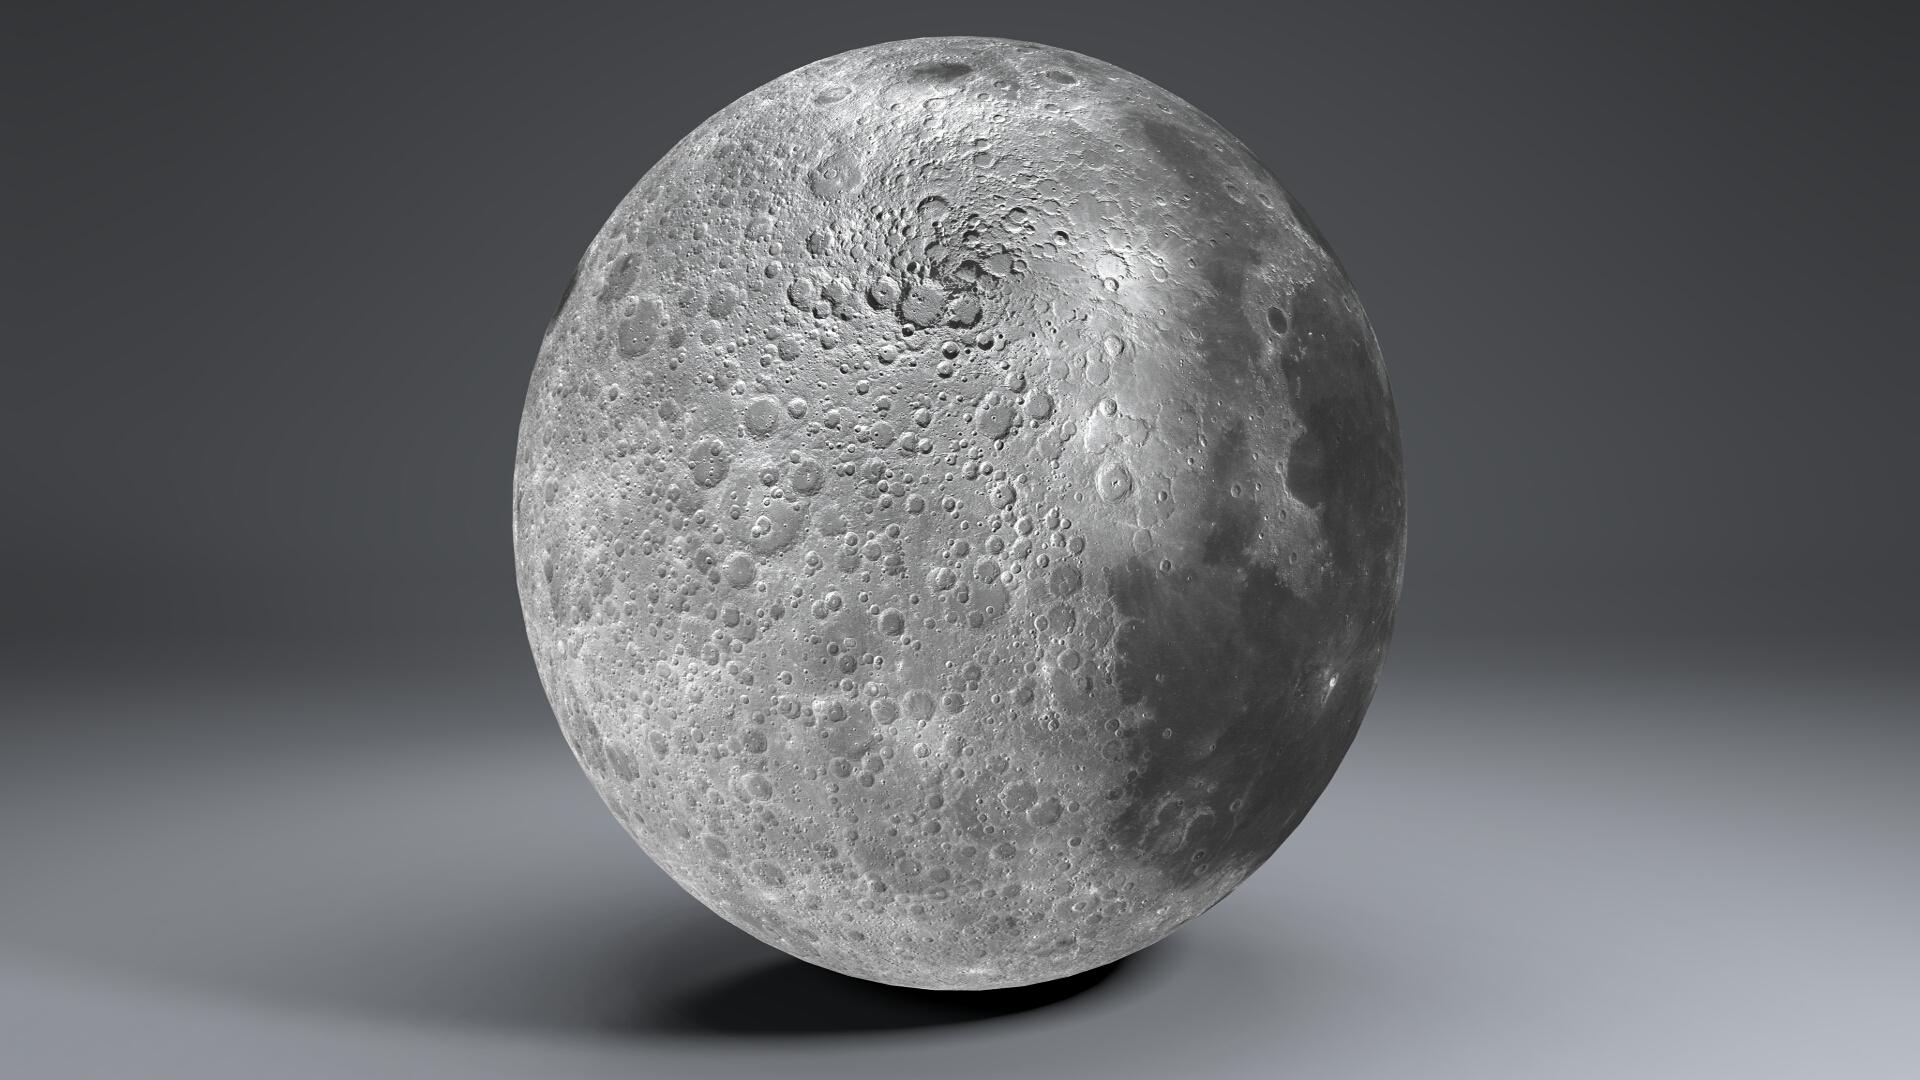 moon globe 23k 3d model 3ds fbx blend dae obj 222144